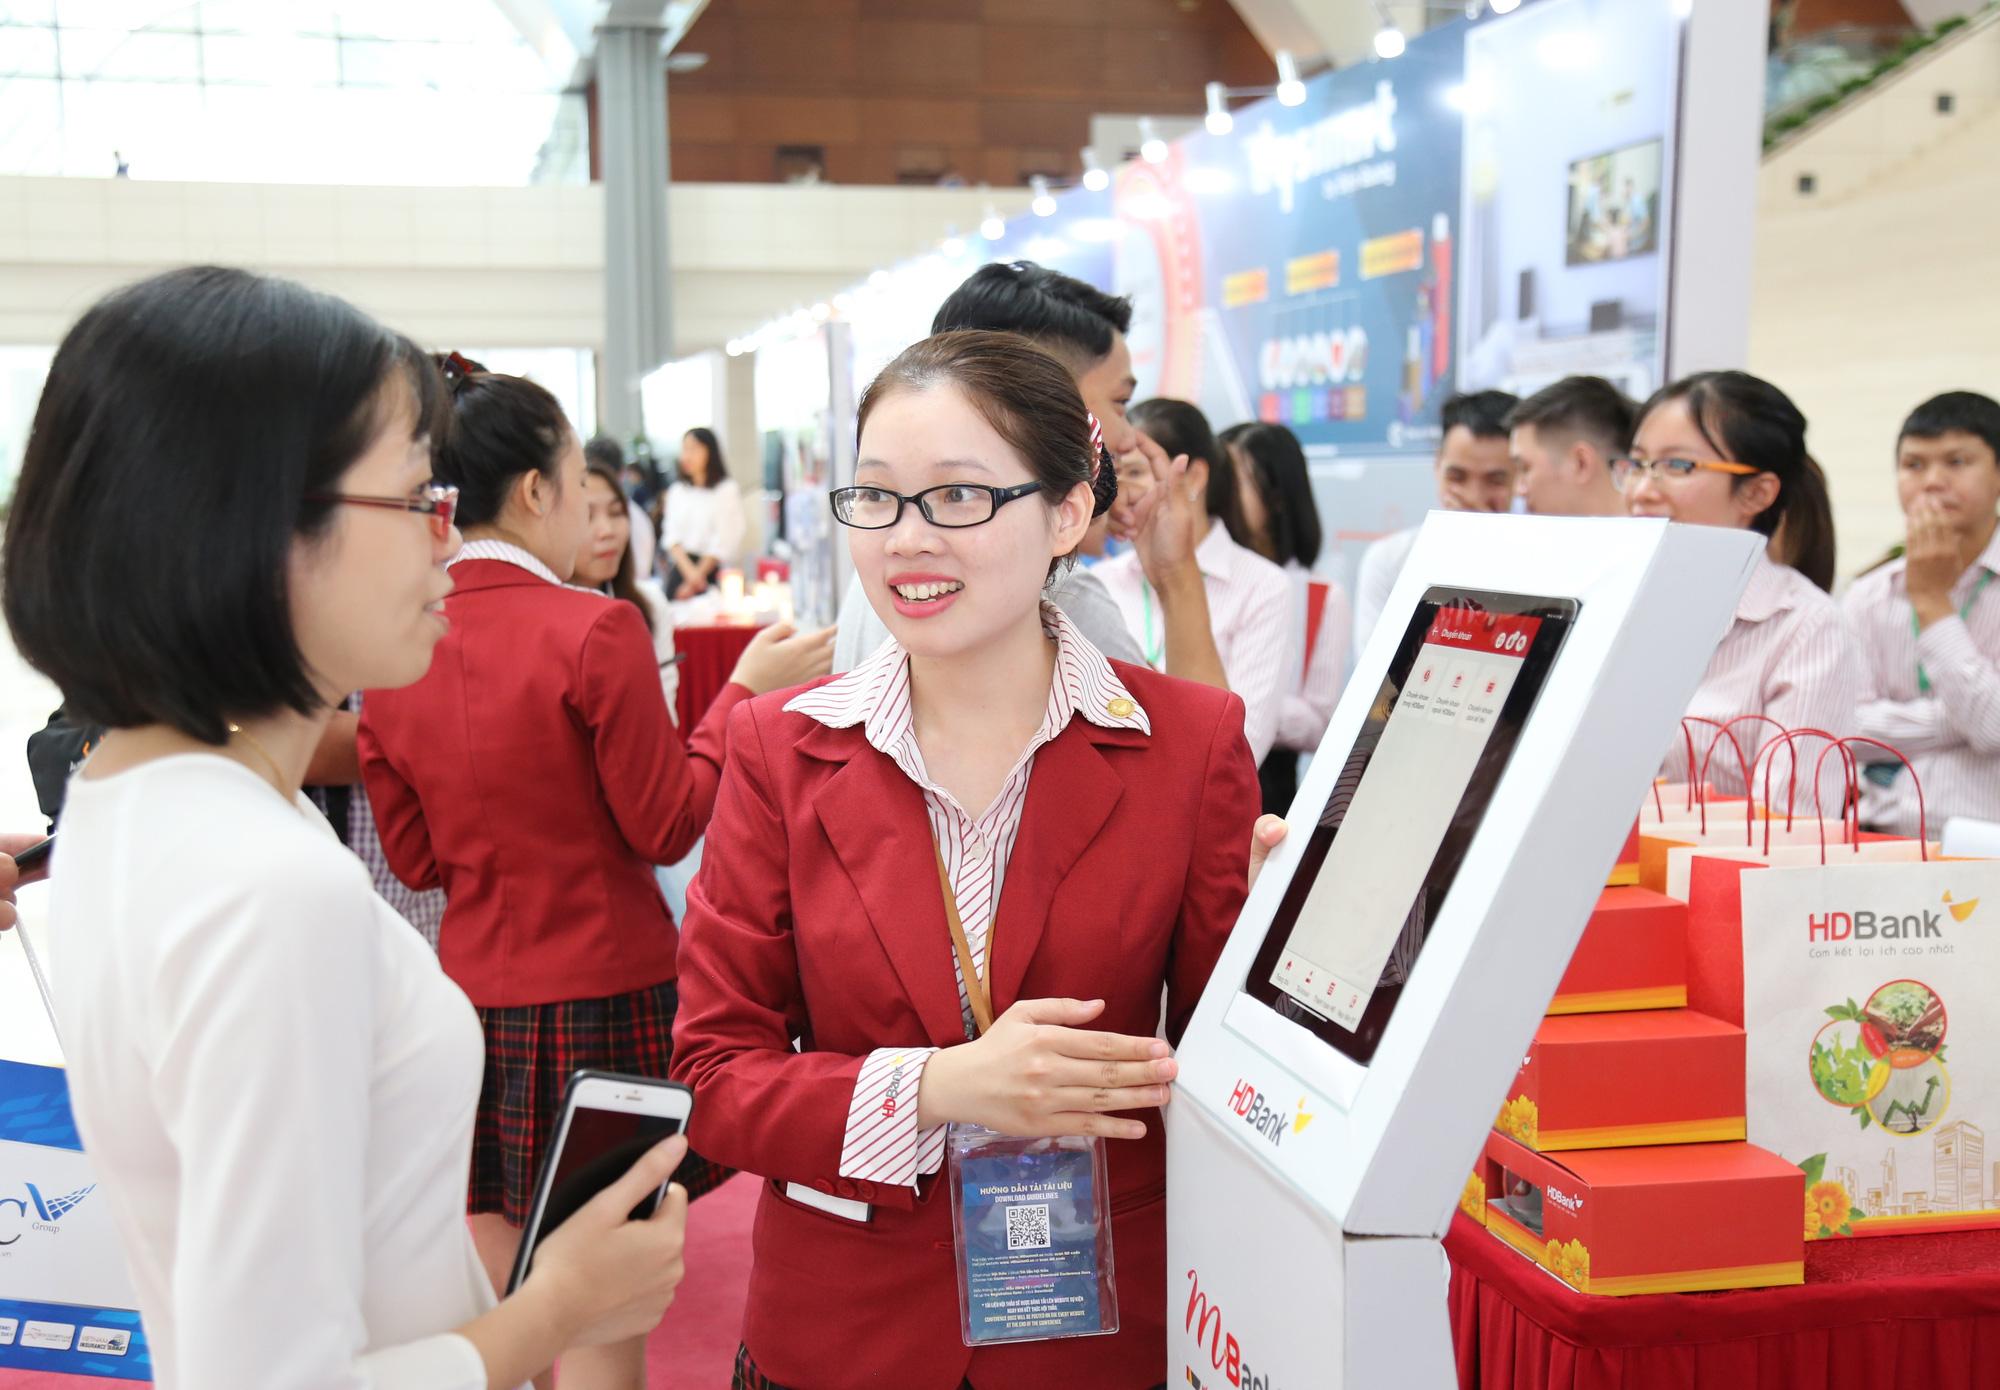 HDBank tung chuỗi ưu đãi siêu hấp dẫn nhân Ngày Thẻ Việt Nam 2020 - Ảnh 2.